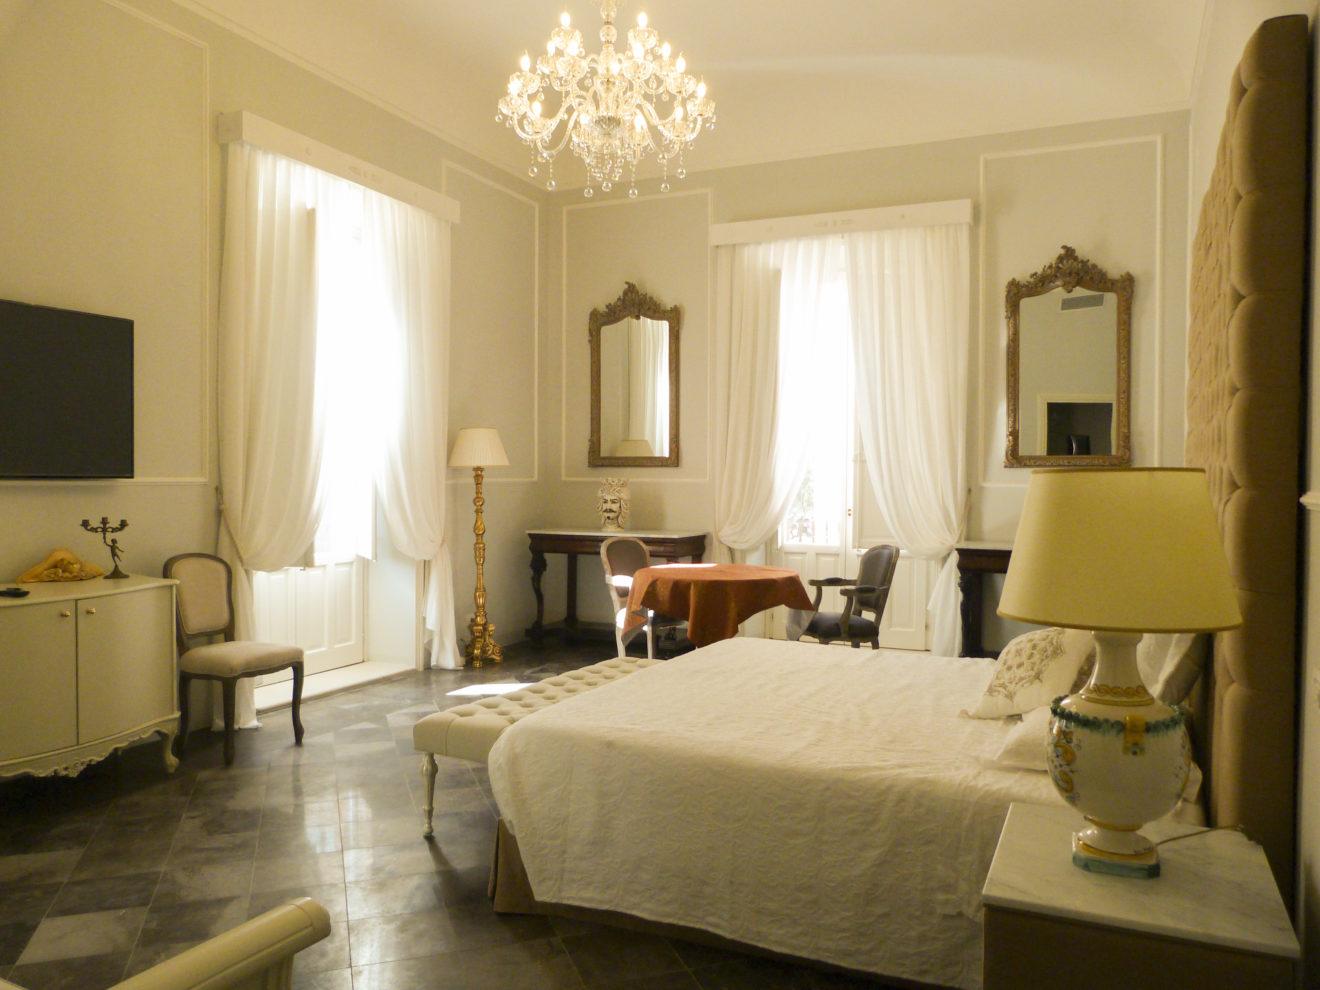 Suite_Camera_Gagliardi_Boutique_hotel_noto_centro_Barocco_luxury_lusso_16